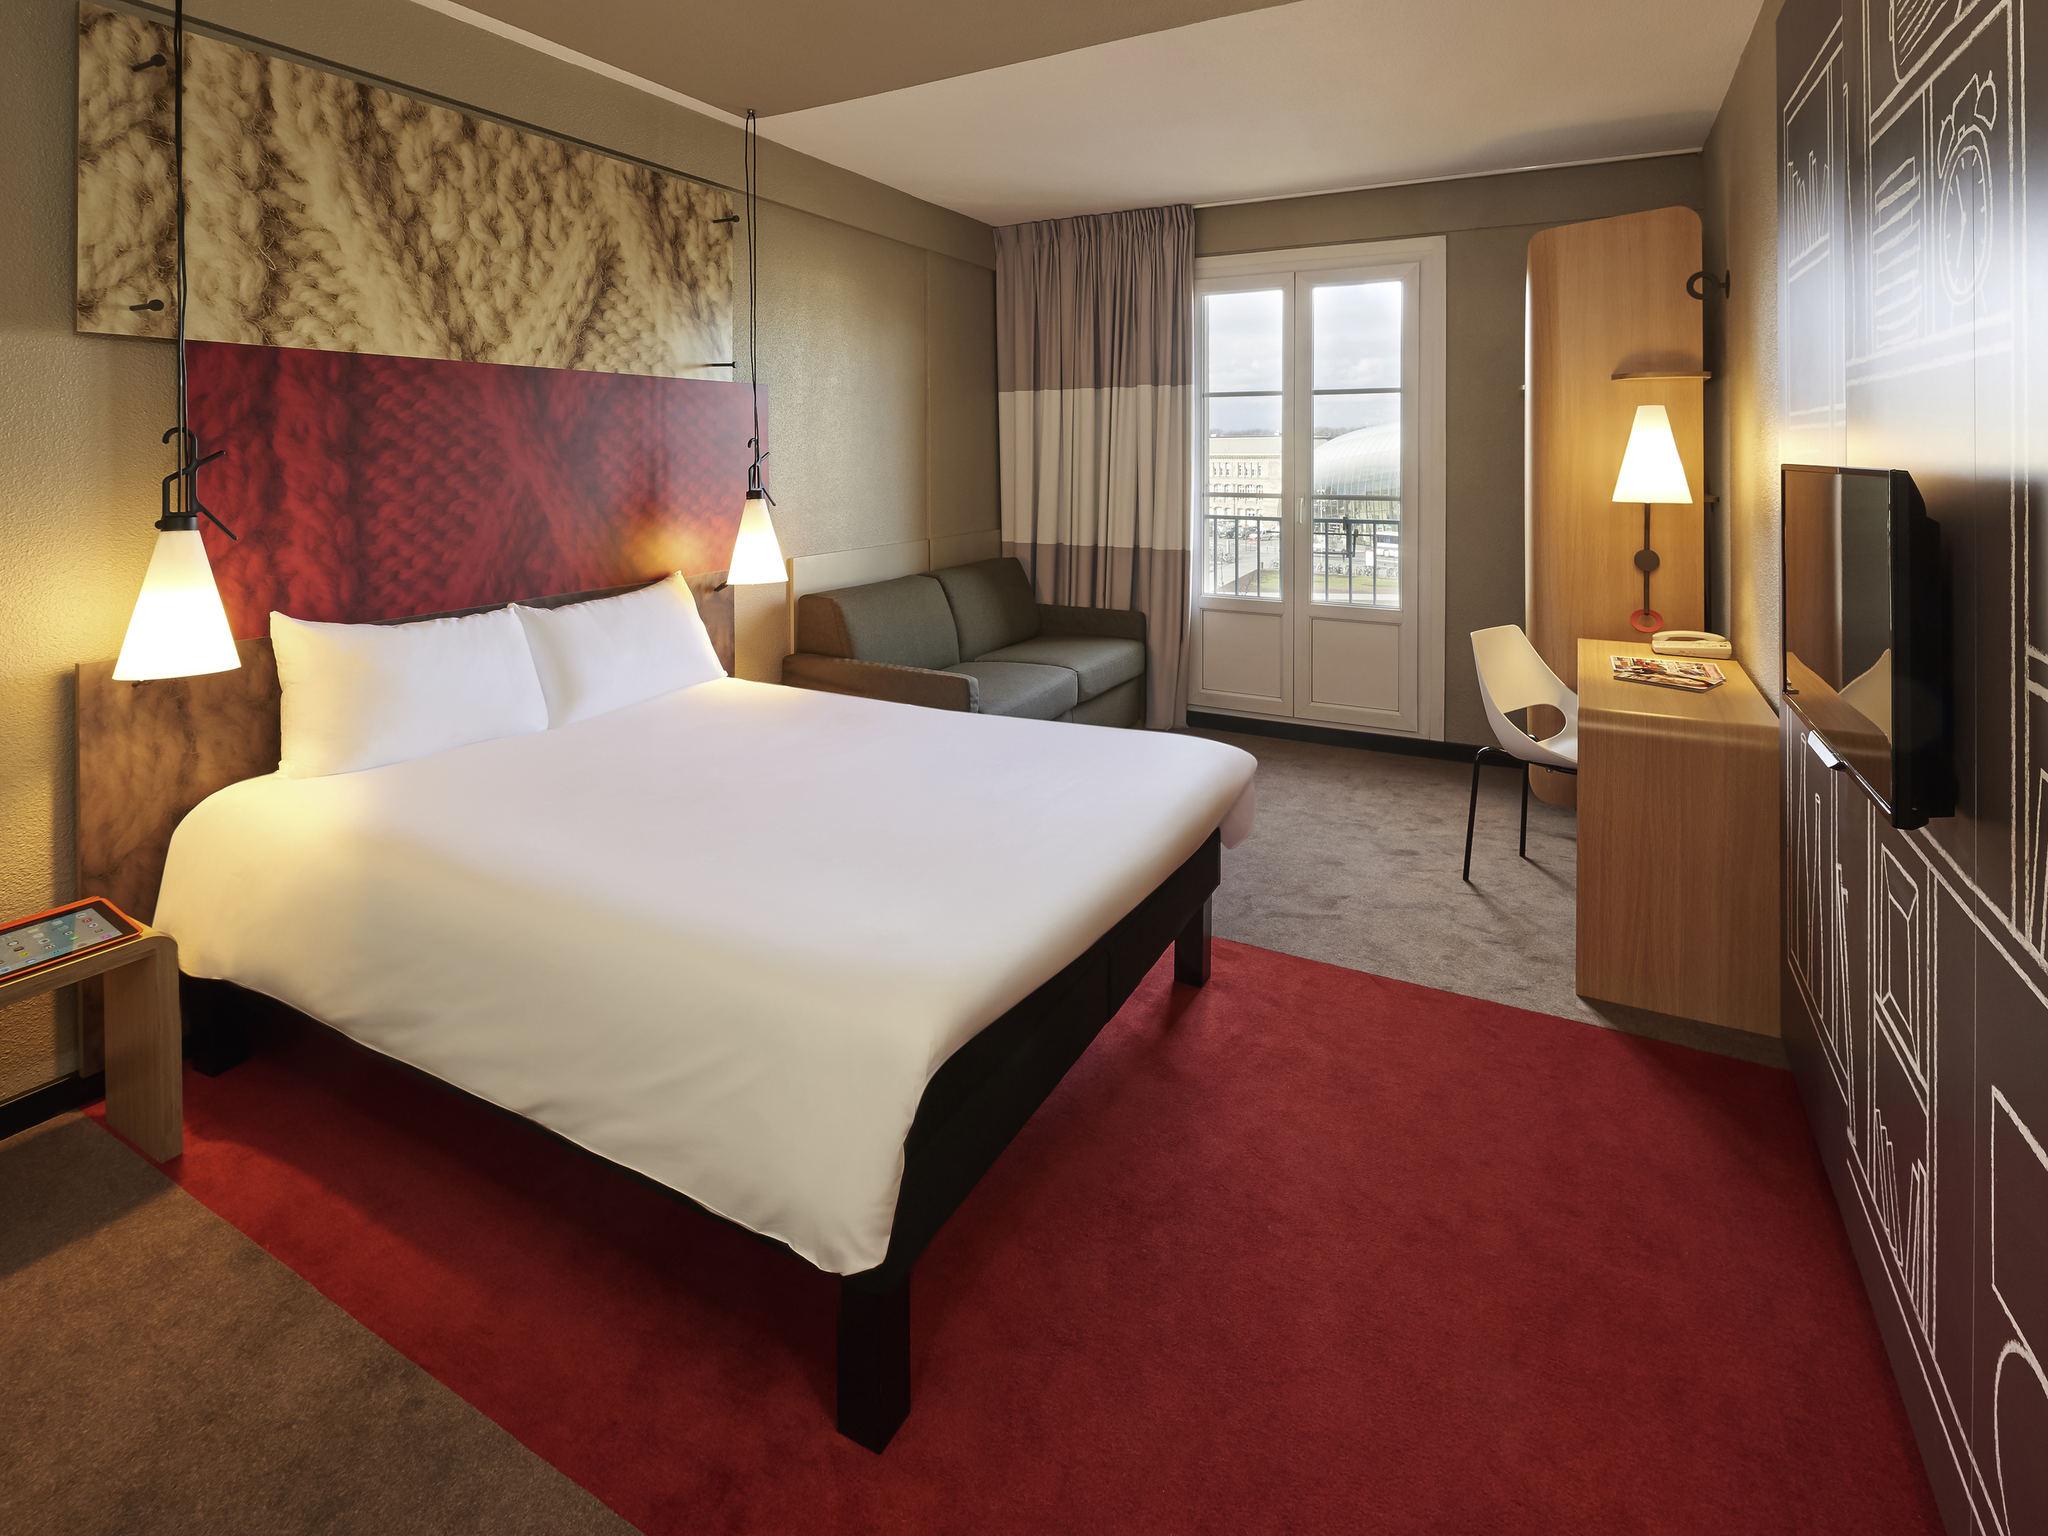 酒店 – 宜必思斯特拉斯堡中心火车站酒店